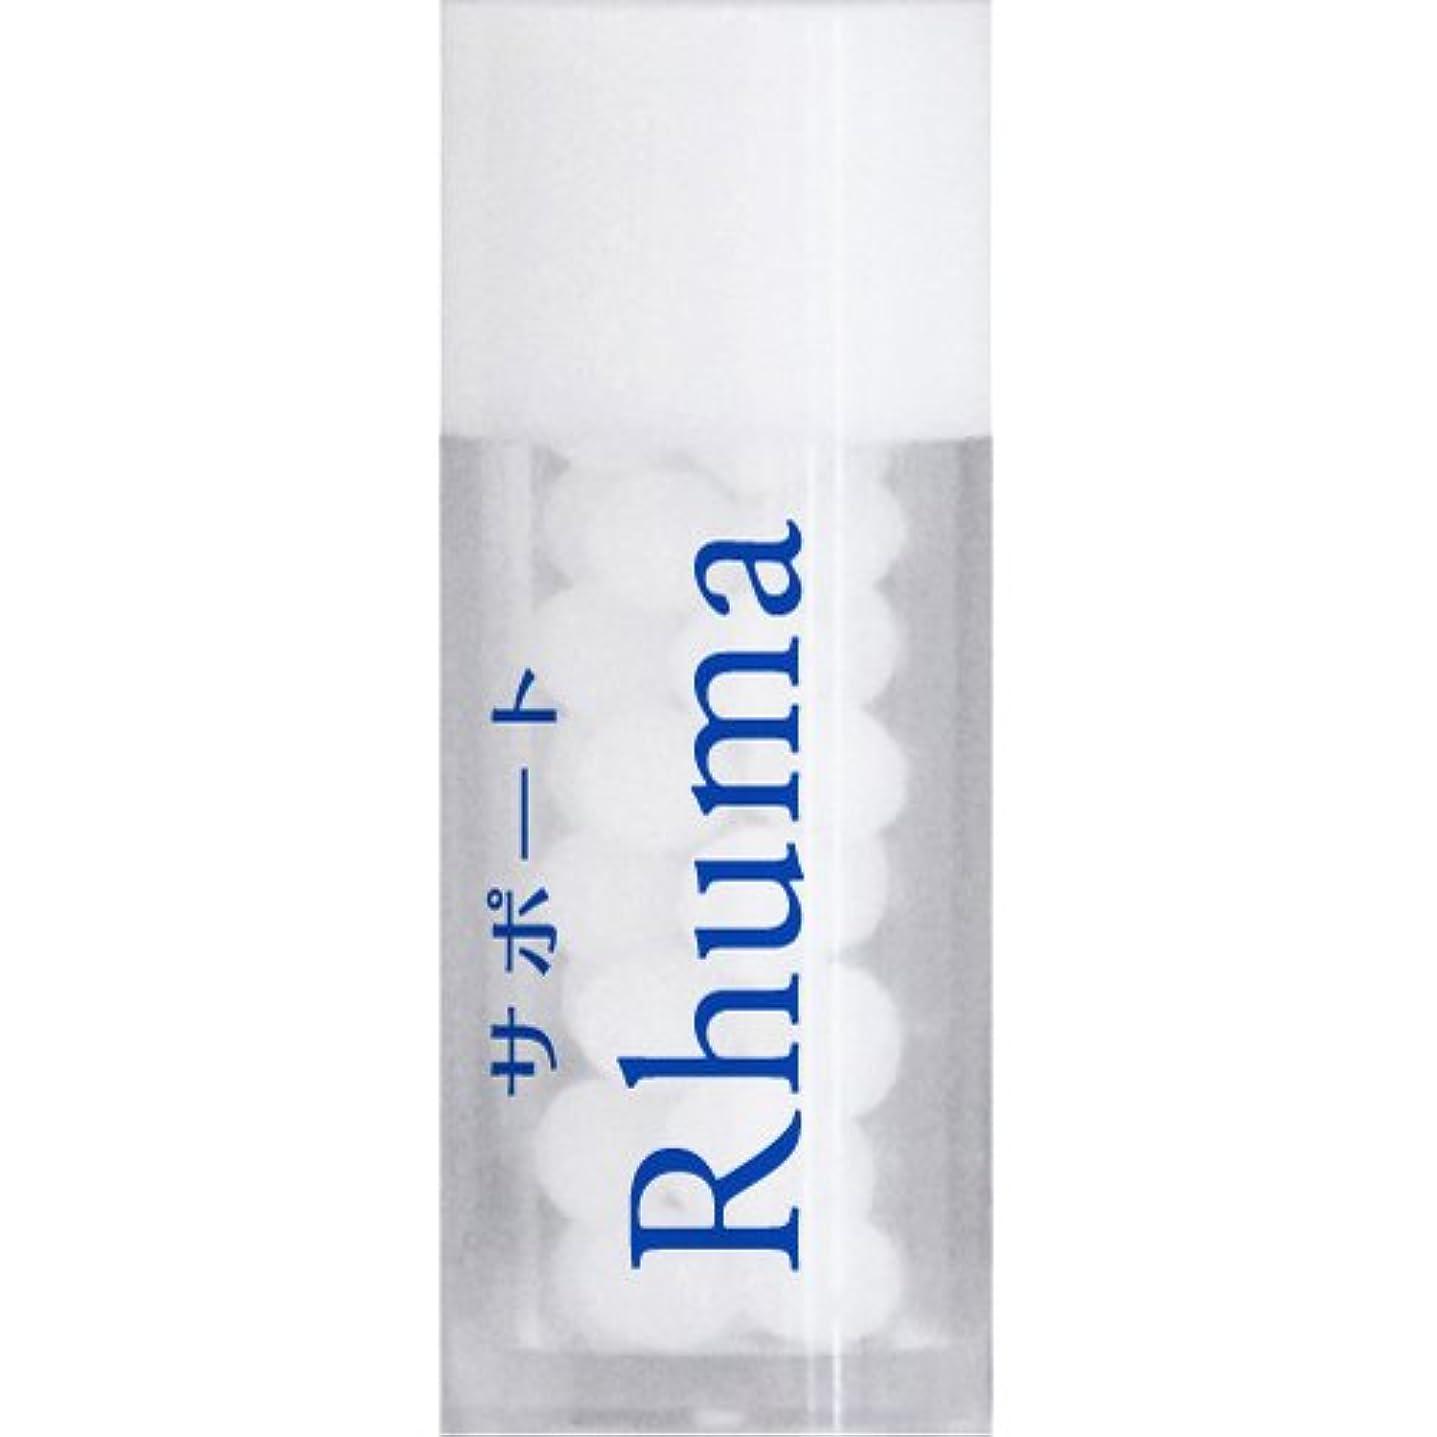 効率的にシリング解くホメオパシージャパンレメディー サポートRhuma(小ビン)